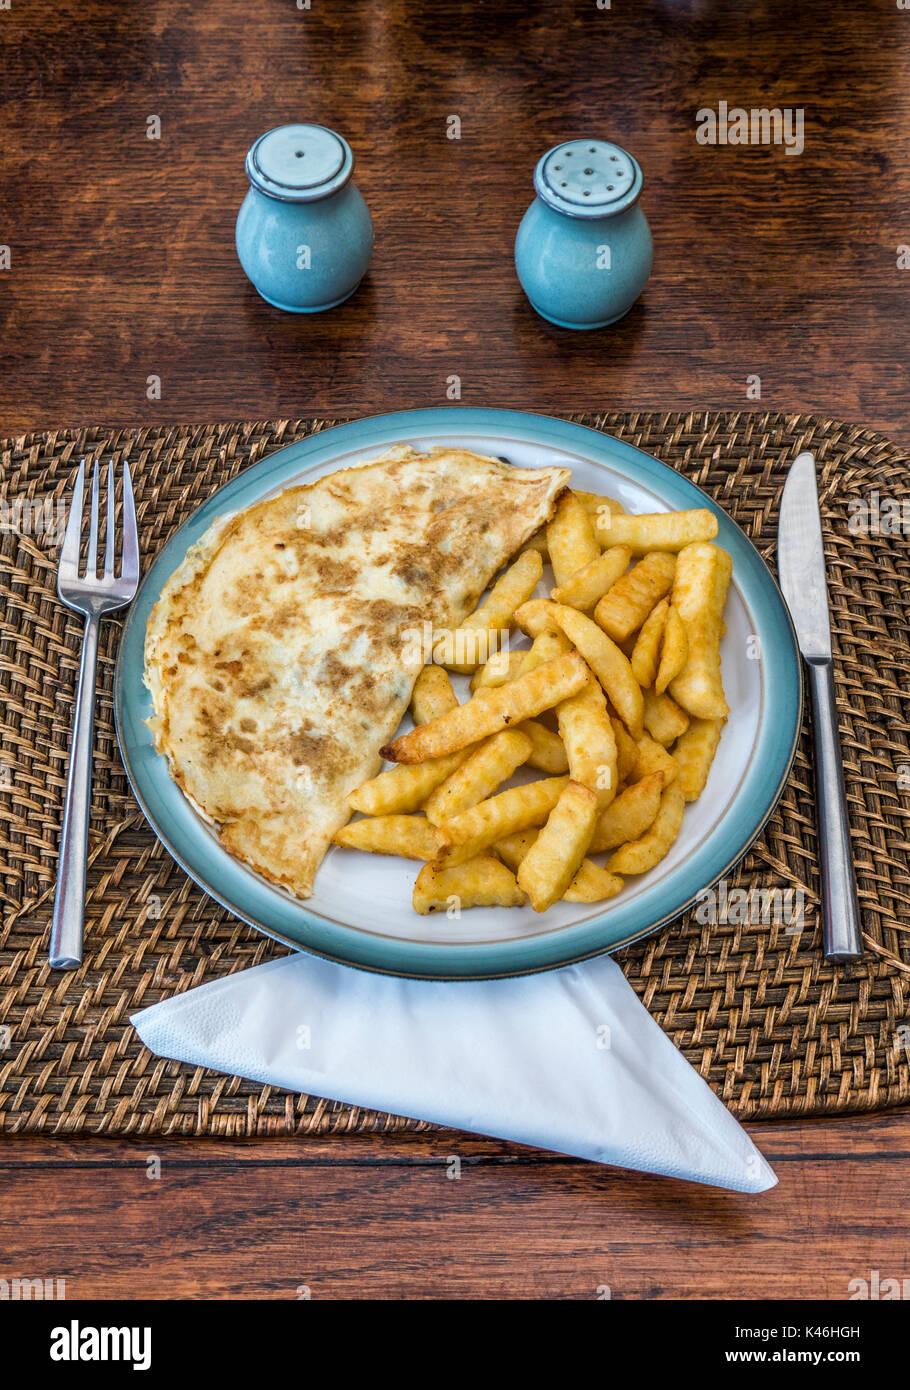 Omelette und gewellter schneiden Sie die Kartoffeln abbrach, auf einem denby Steingut Teller, mit begleitenden Servietten, Salz- und Pfefferstreuer, Edelstahl Messer und Gabel. Stockbild